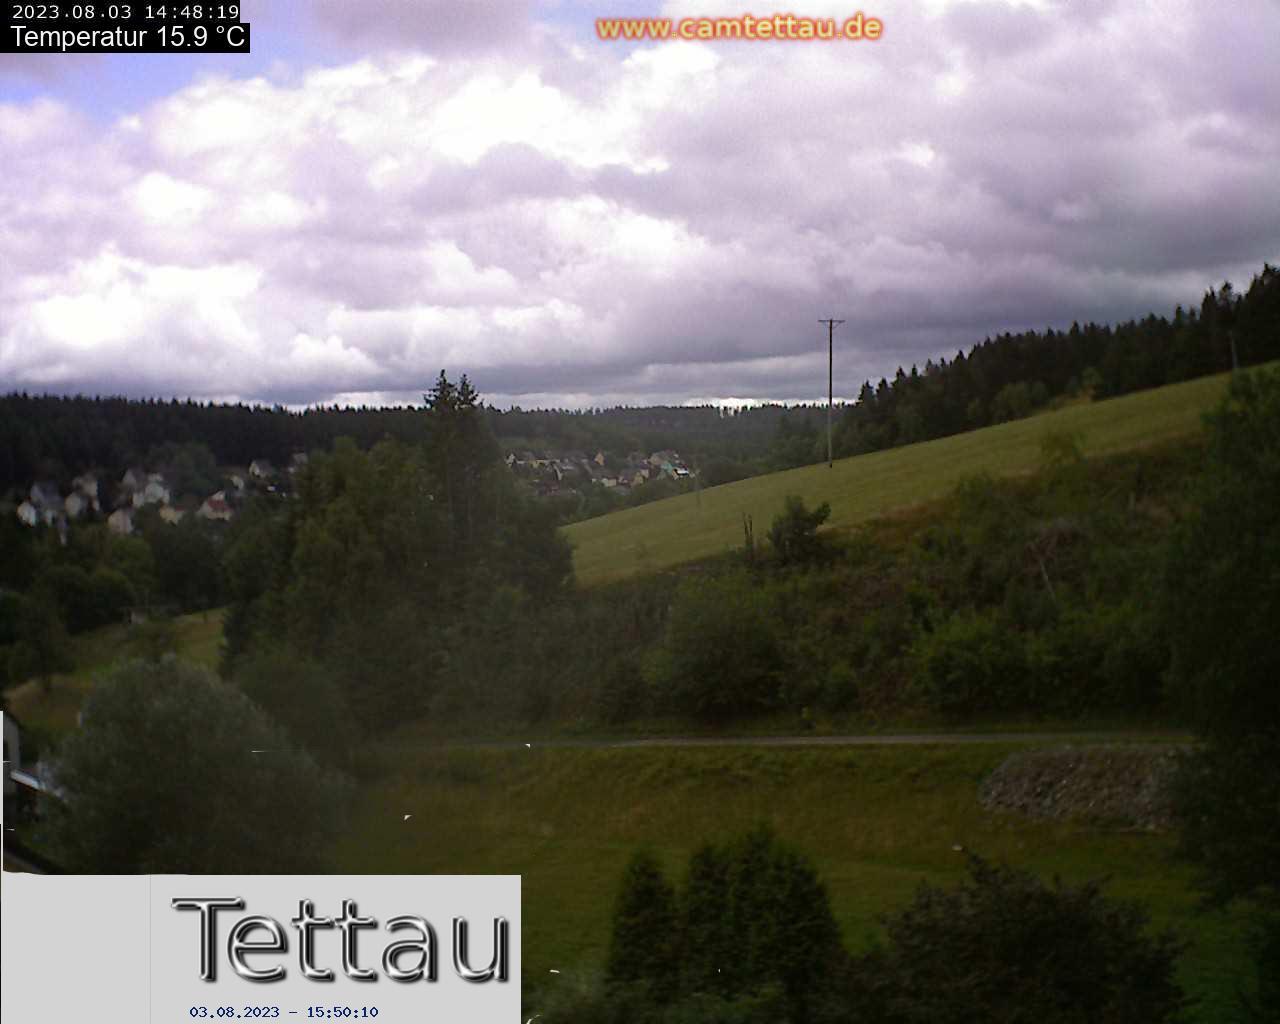 Tettau (Bavaria) Tue. 15:55